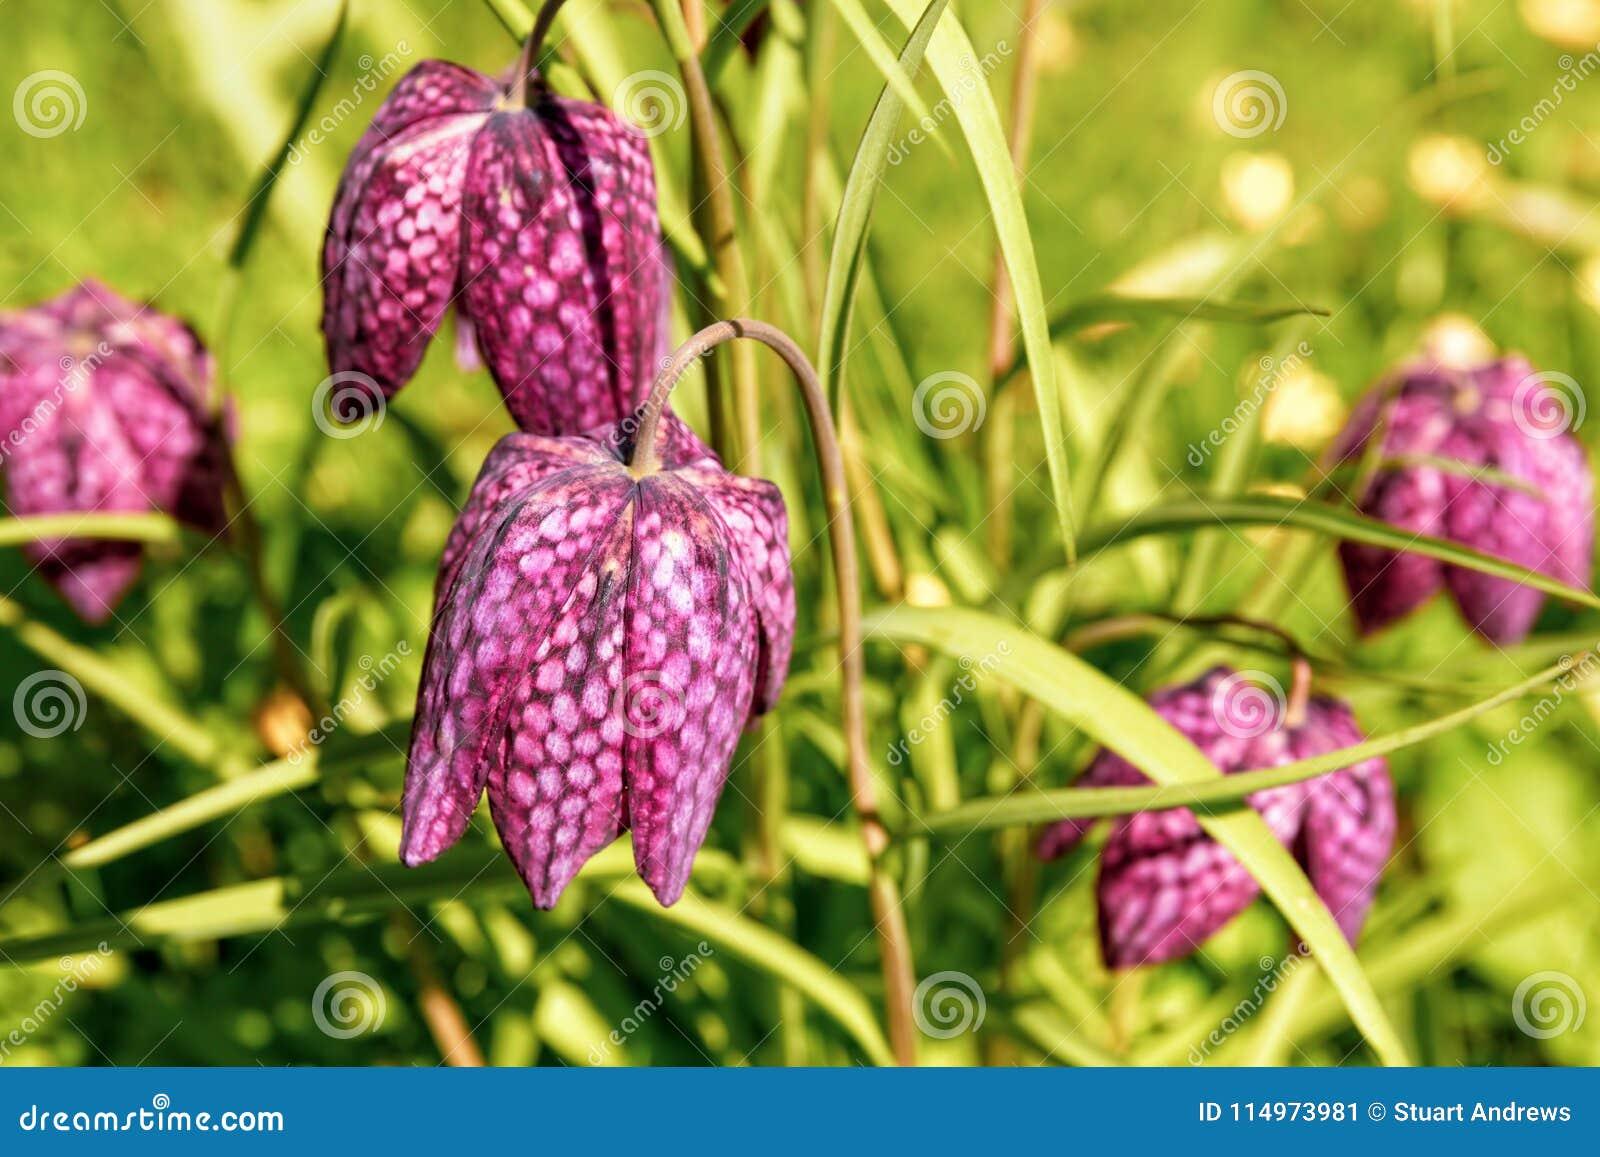 Wildes Schlange ` s-köpfiger Fritillary - Fritillaria Meleagris, Worcestershire